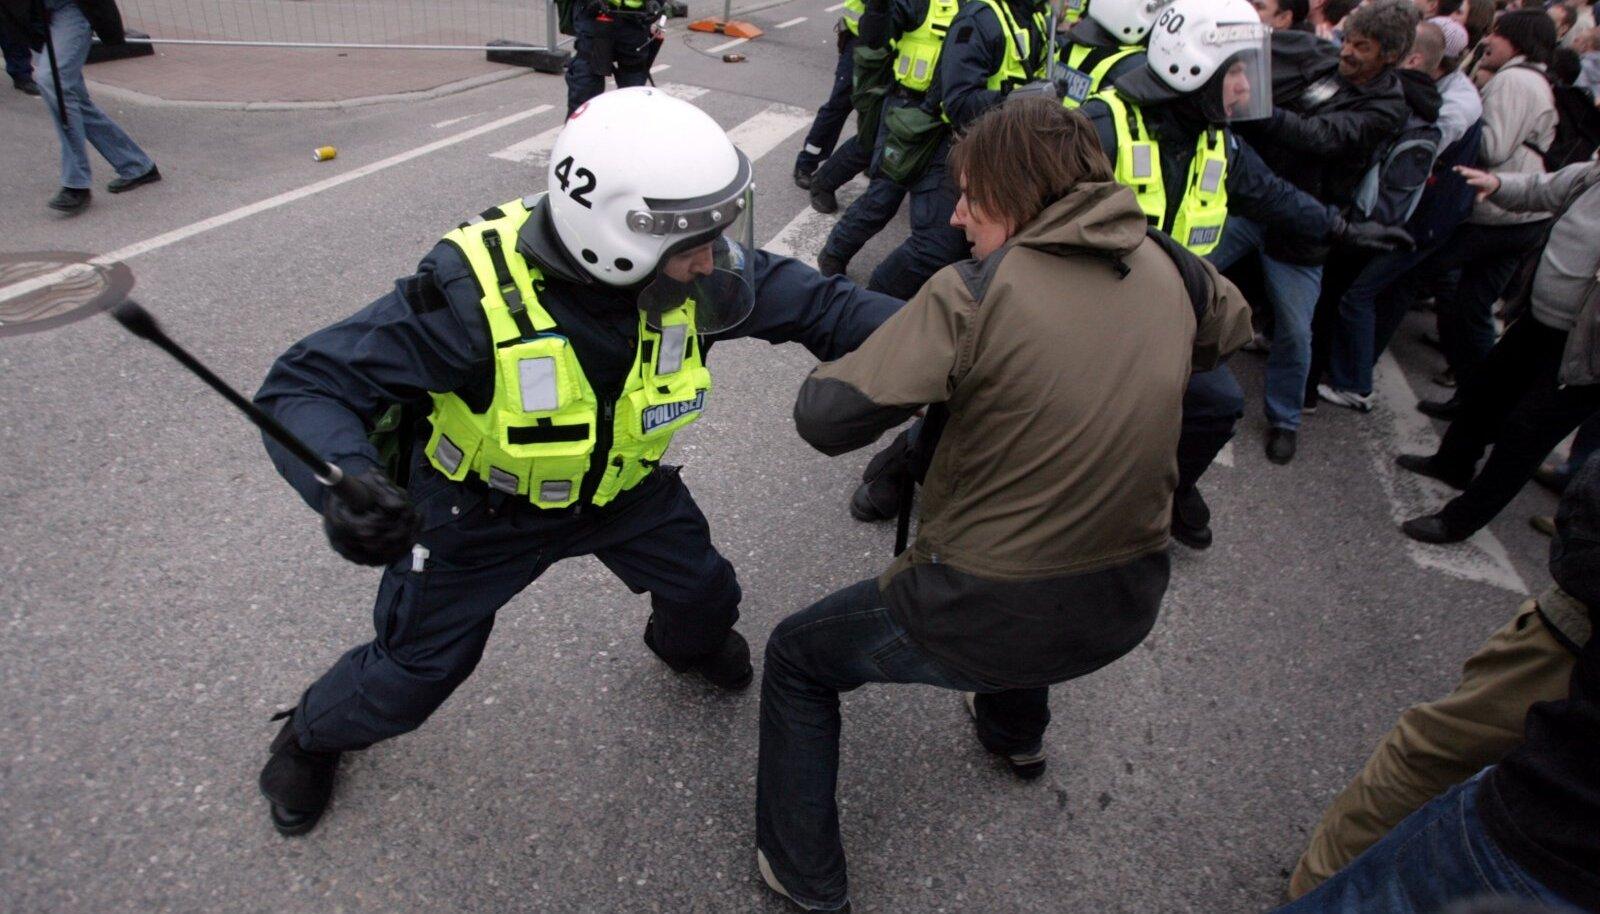 Pronksiöö rahutused 2007. aastal. Pilt on illustratiivne.